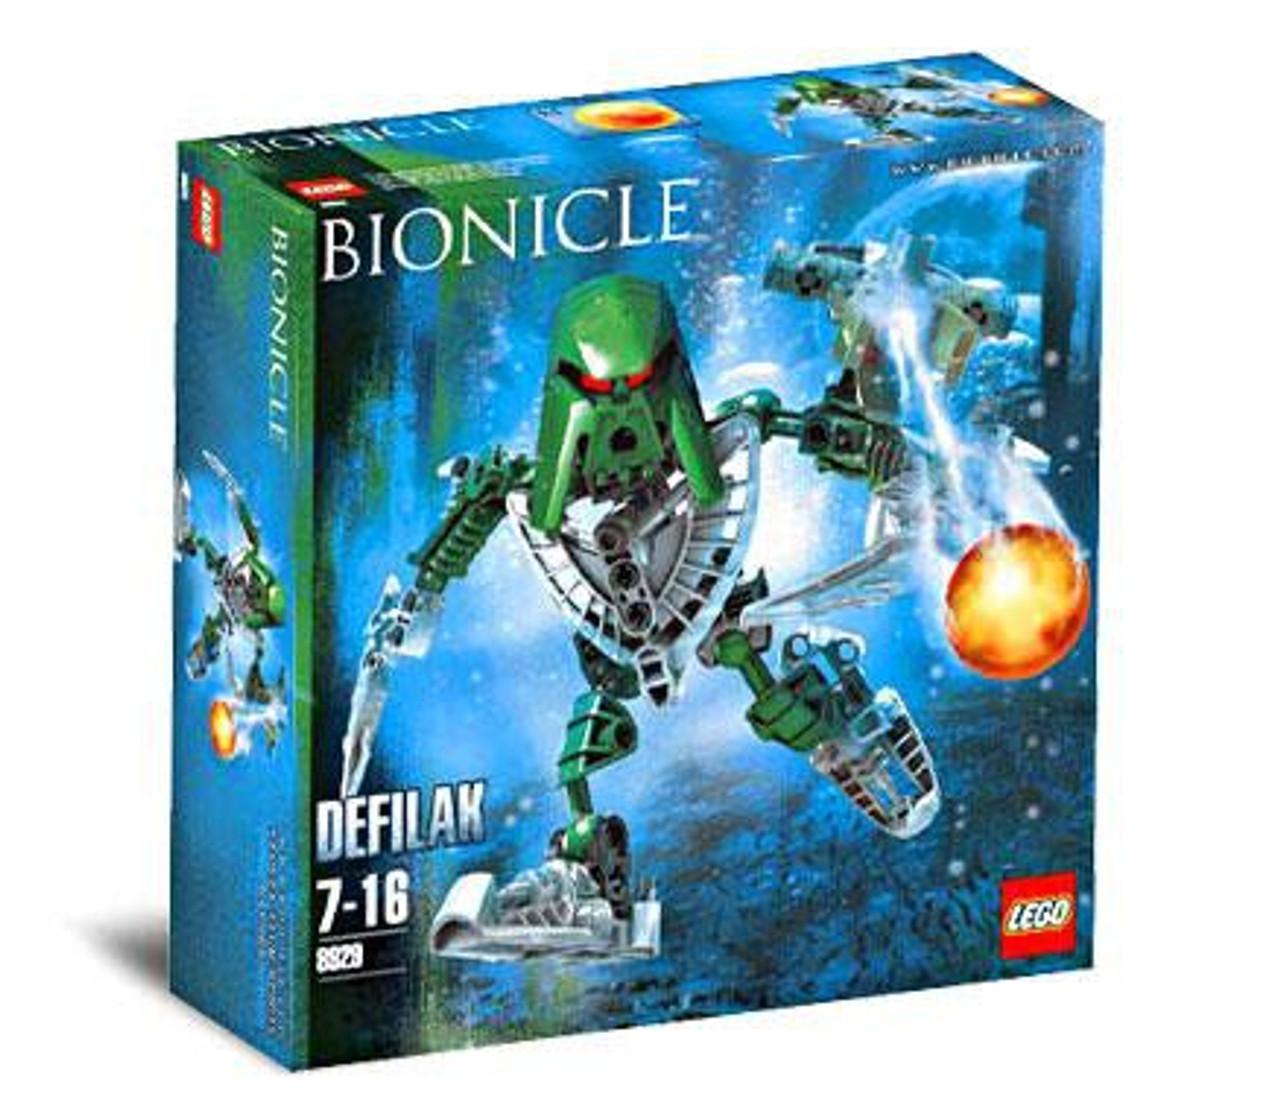 LEGO Bionicle Defilak Set #8929